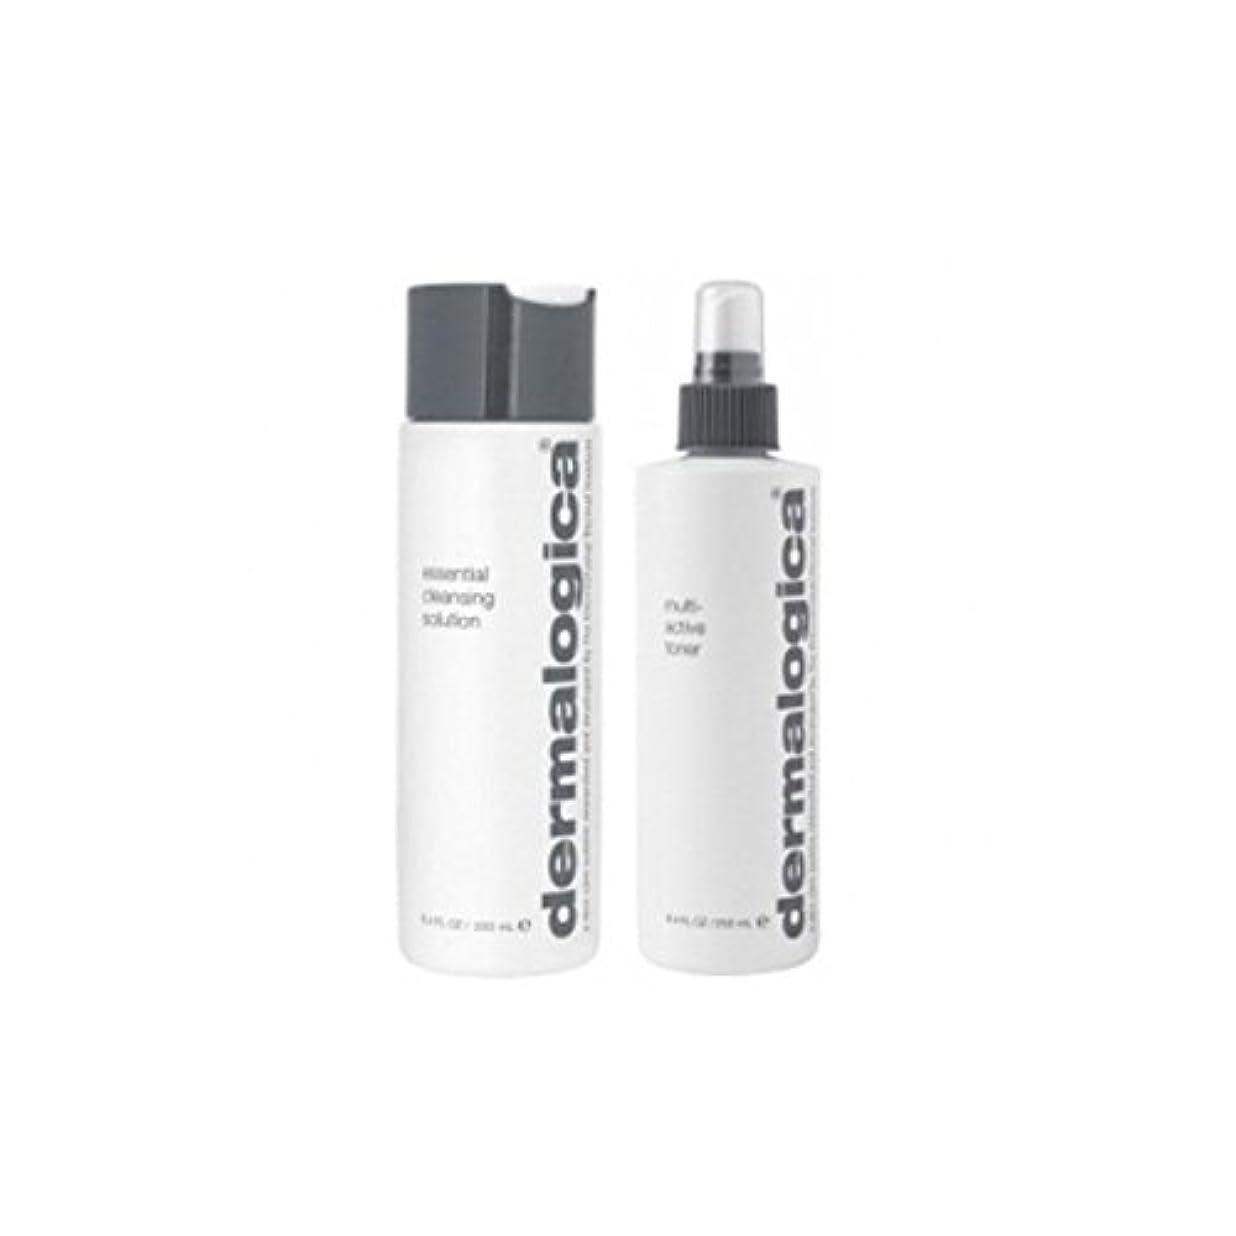 ペルセウスに向けて出発常識ダーマロジカクレンジング&トーンデュオ - 乾燥肌 x2 - Dermalogica Cleanse & Tone Duo - Dry Skin (Pack of 2) [並行輸入品]